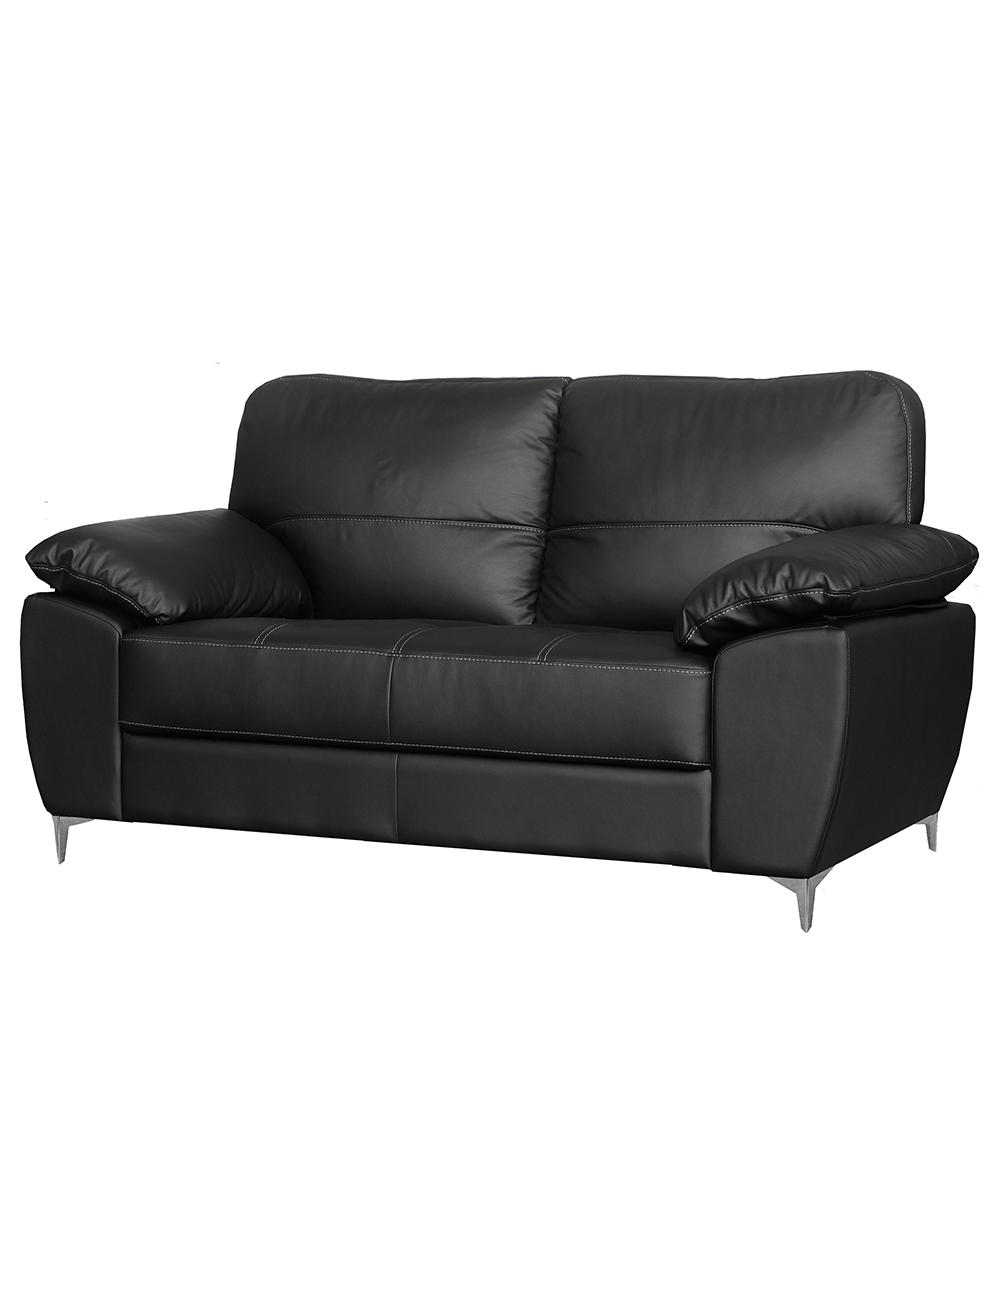 ledersofa siena 2 sitzer. Black Bedroom Furniture Sets. Home Design Ideas